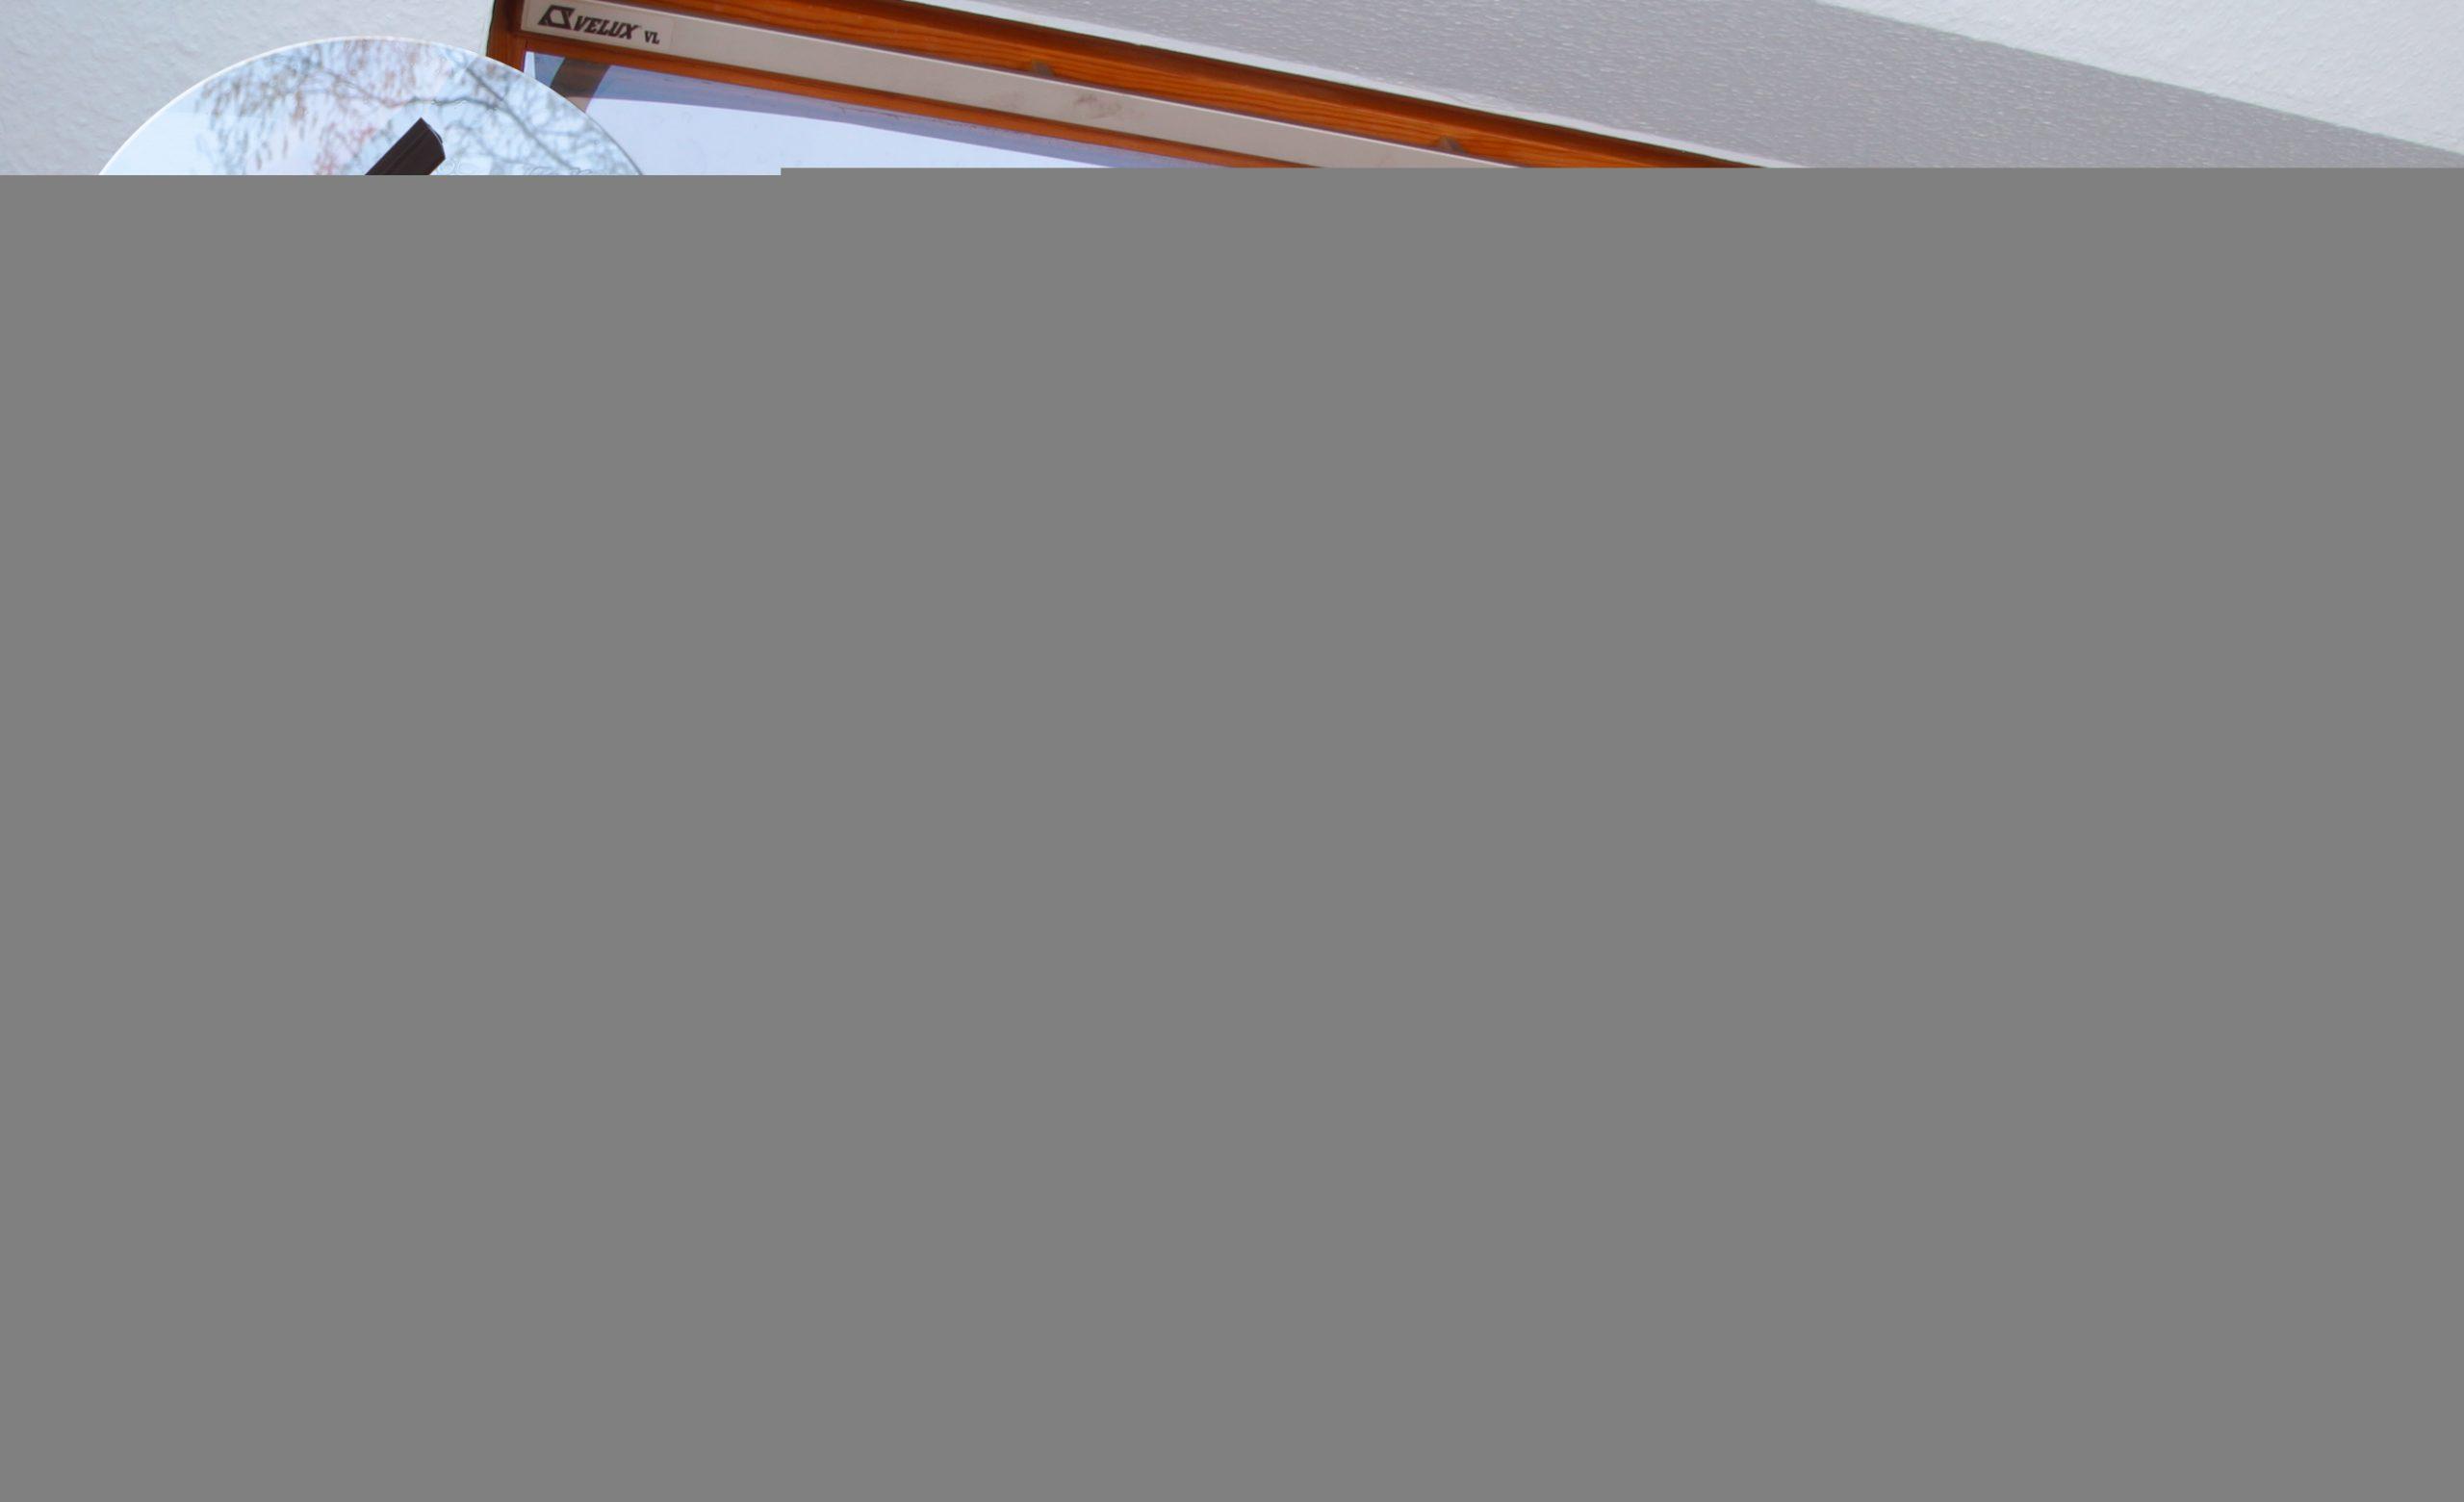 Full Size of Dachfenster Sonnenschutzfolie Selbstde Fenster 3 Fach Verglasung Insektenschutz Veka Preise Trier Drutex Auto Folie Teleskopstange Standardmaße Rollo Holz Alu Fenster Sonnenschutzfolie Fenster